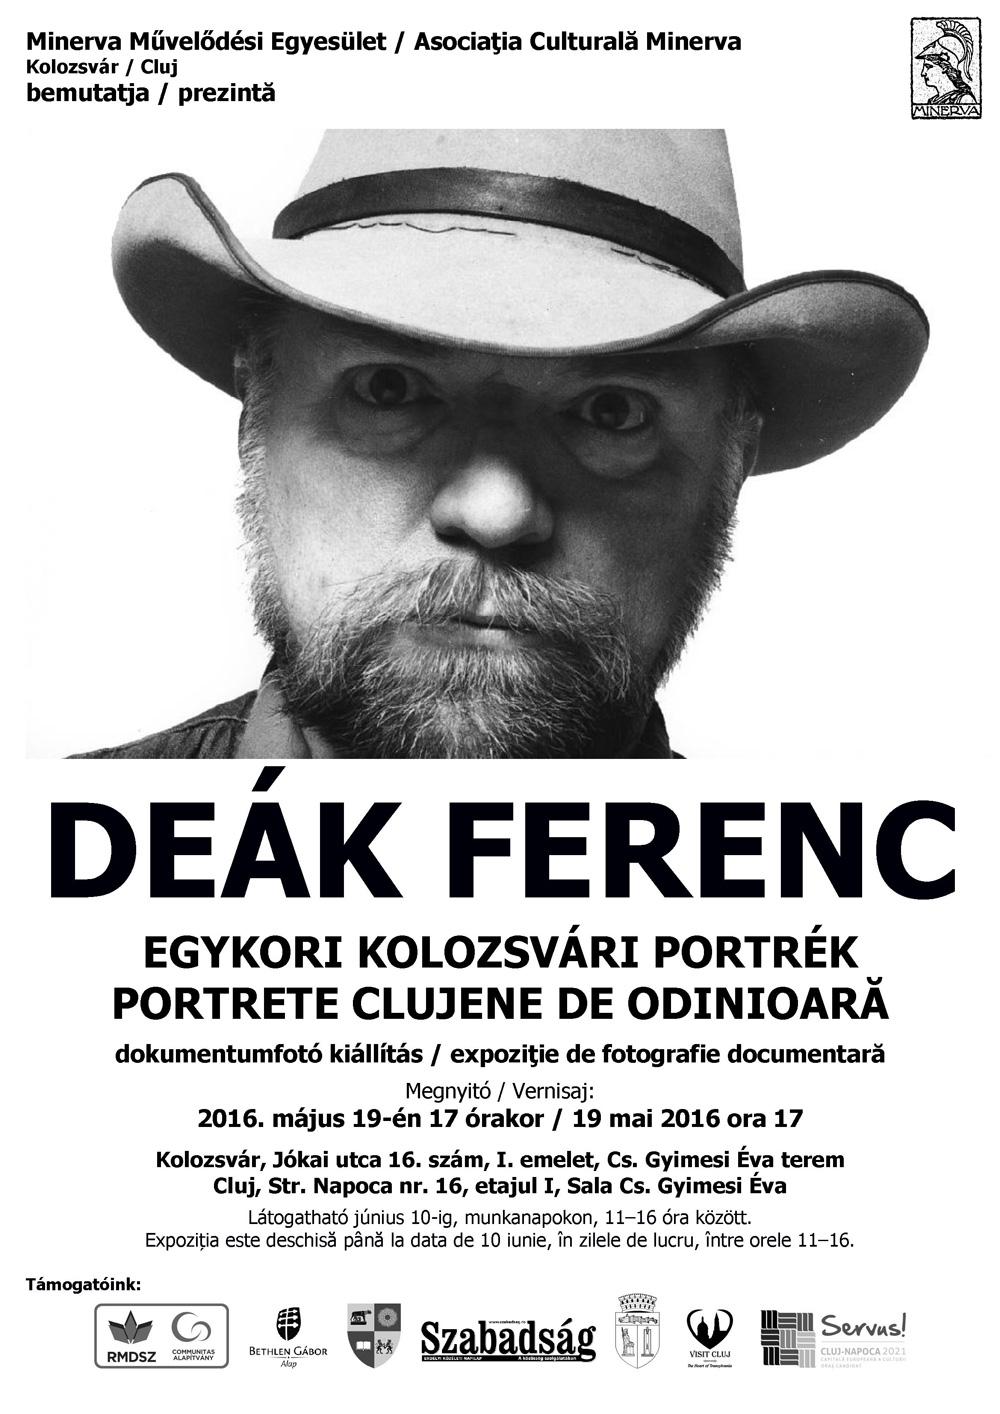 Deak_Ferenc